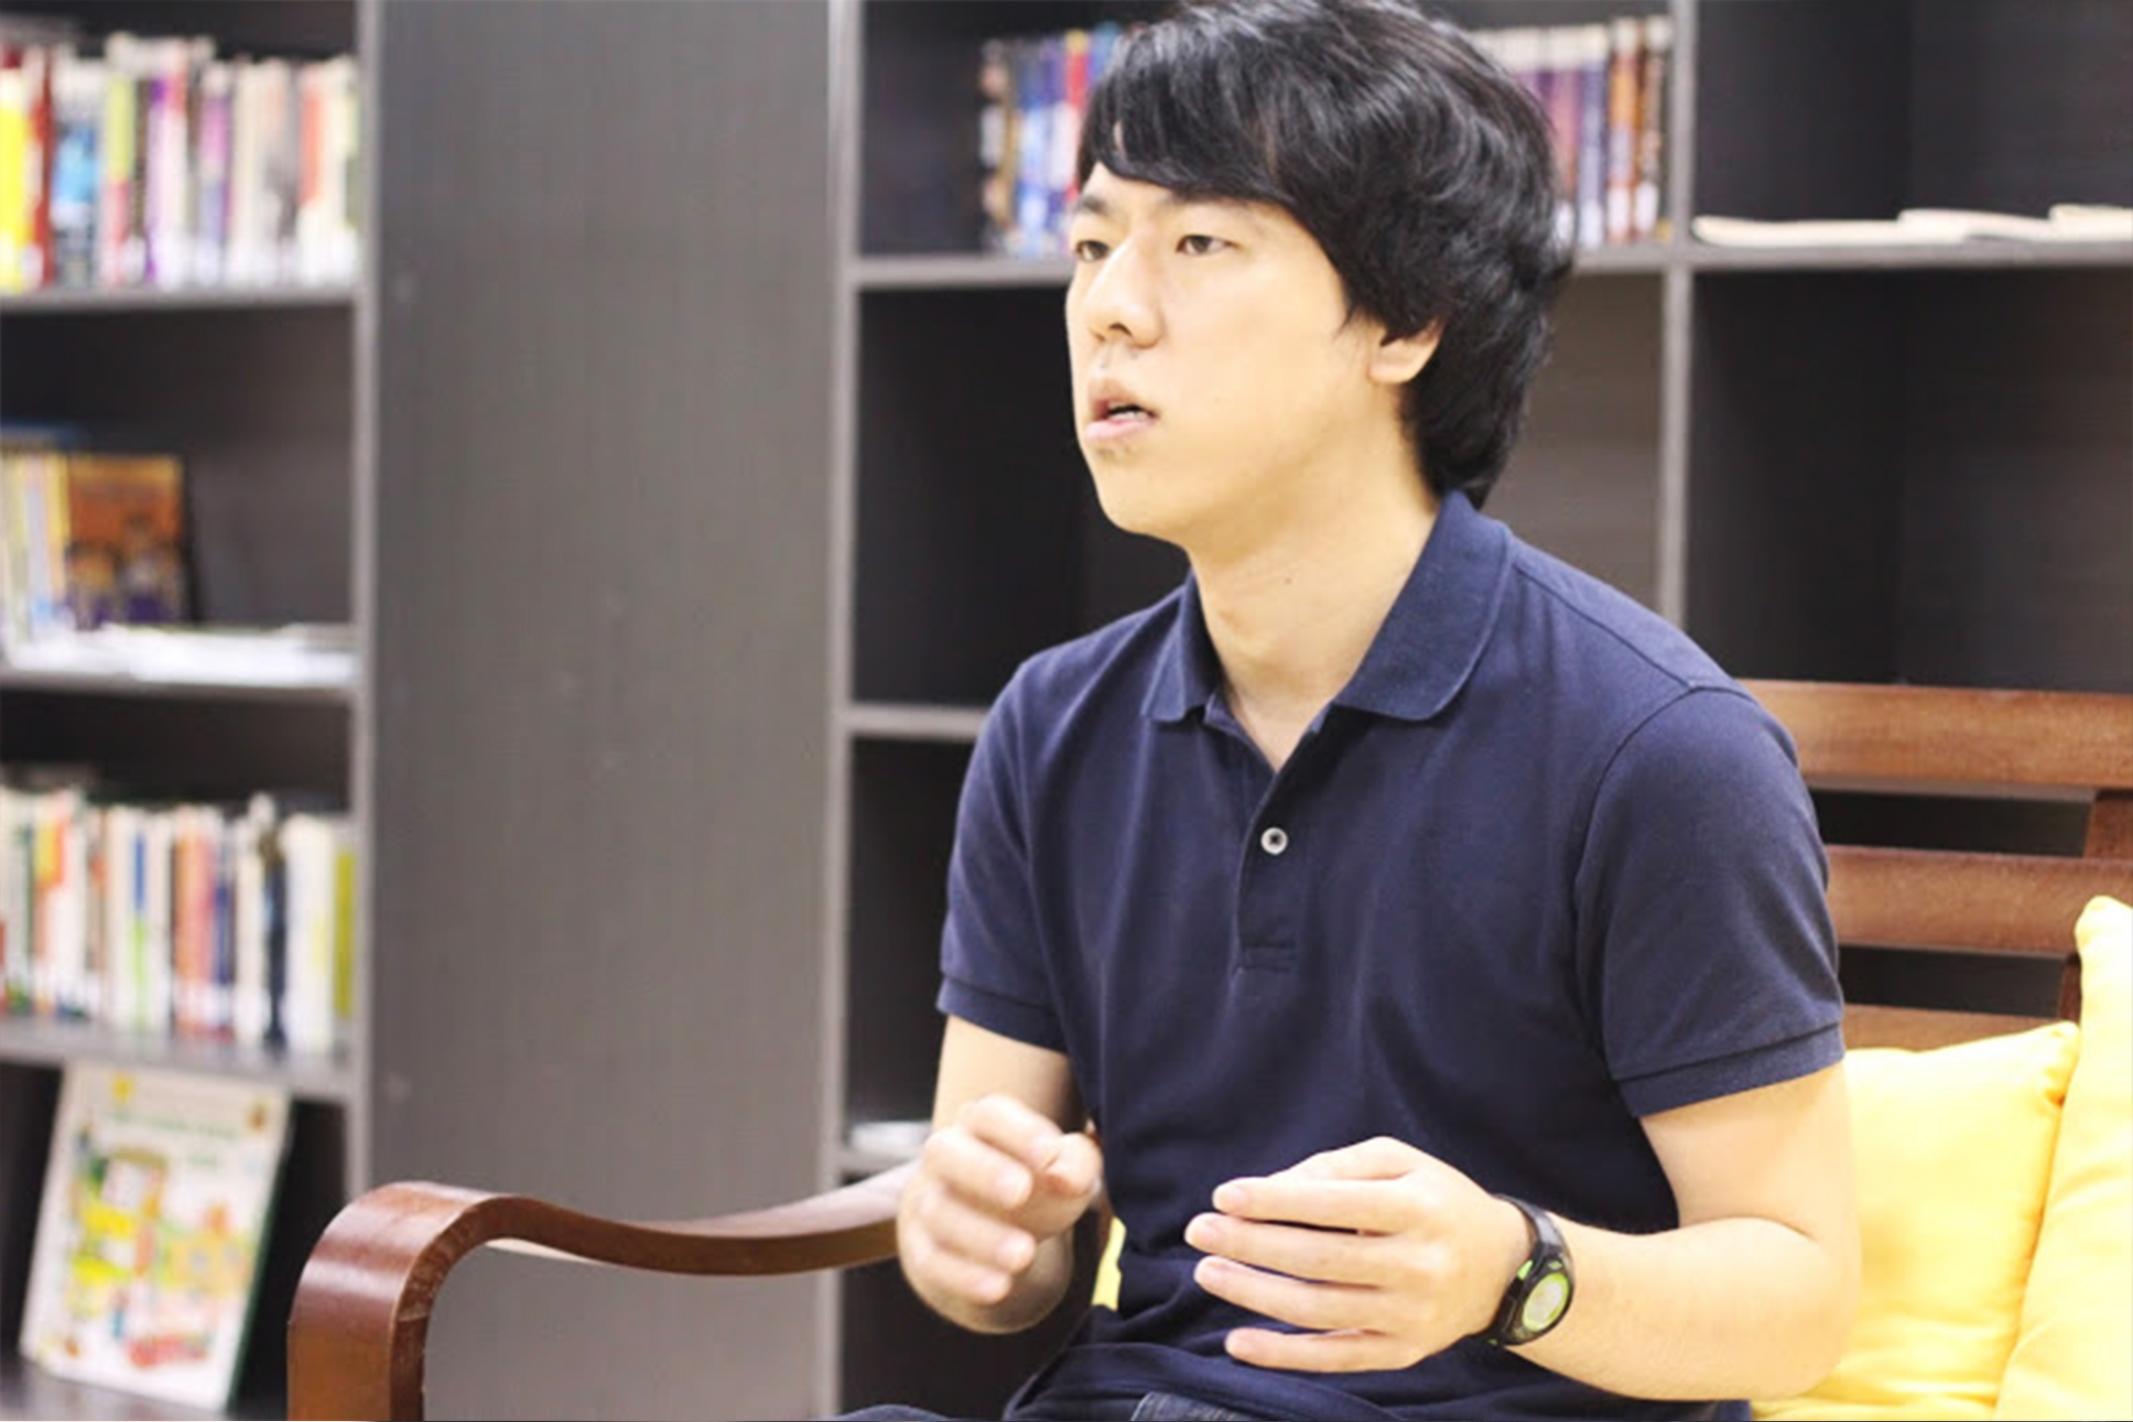 英語を極めるためブライチャーへ。TOEIC915、東京大学卒、米国留学。